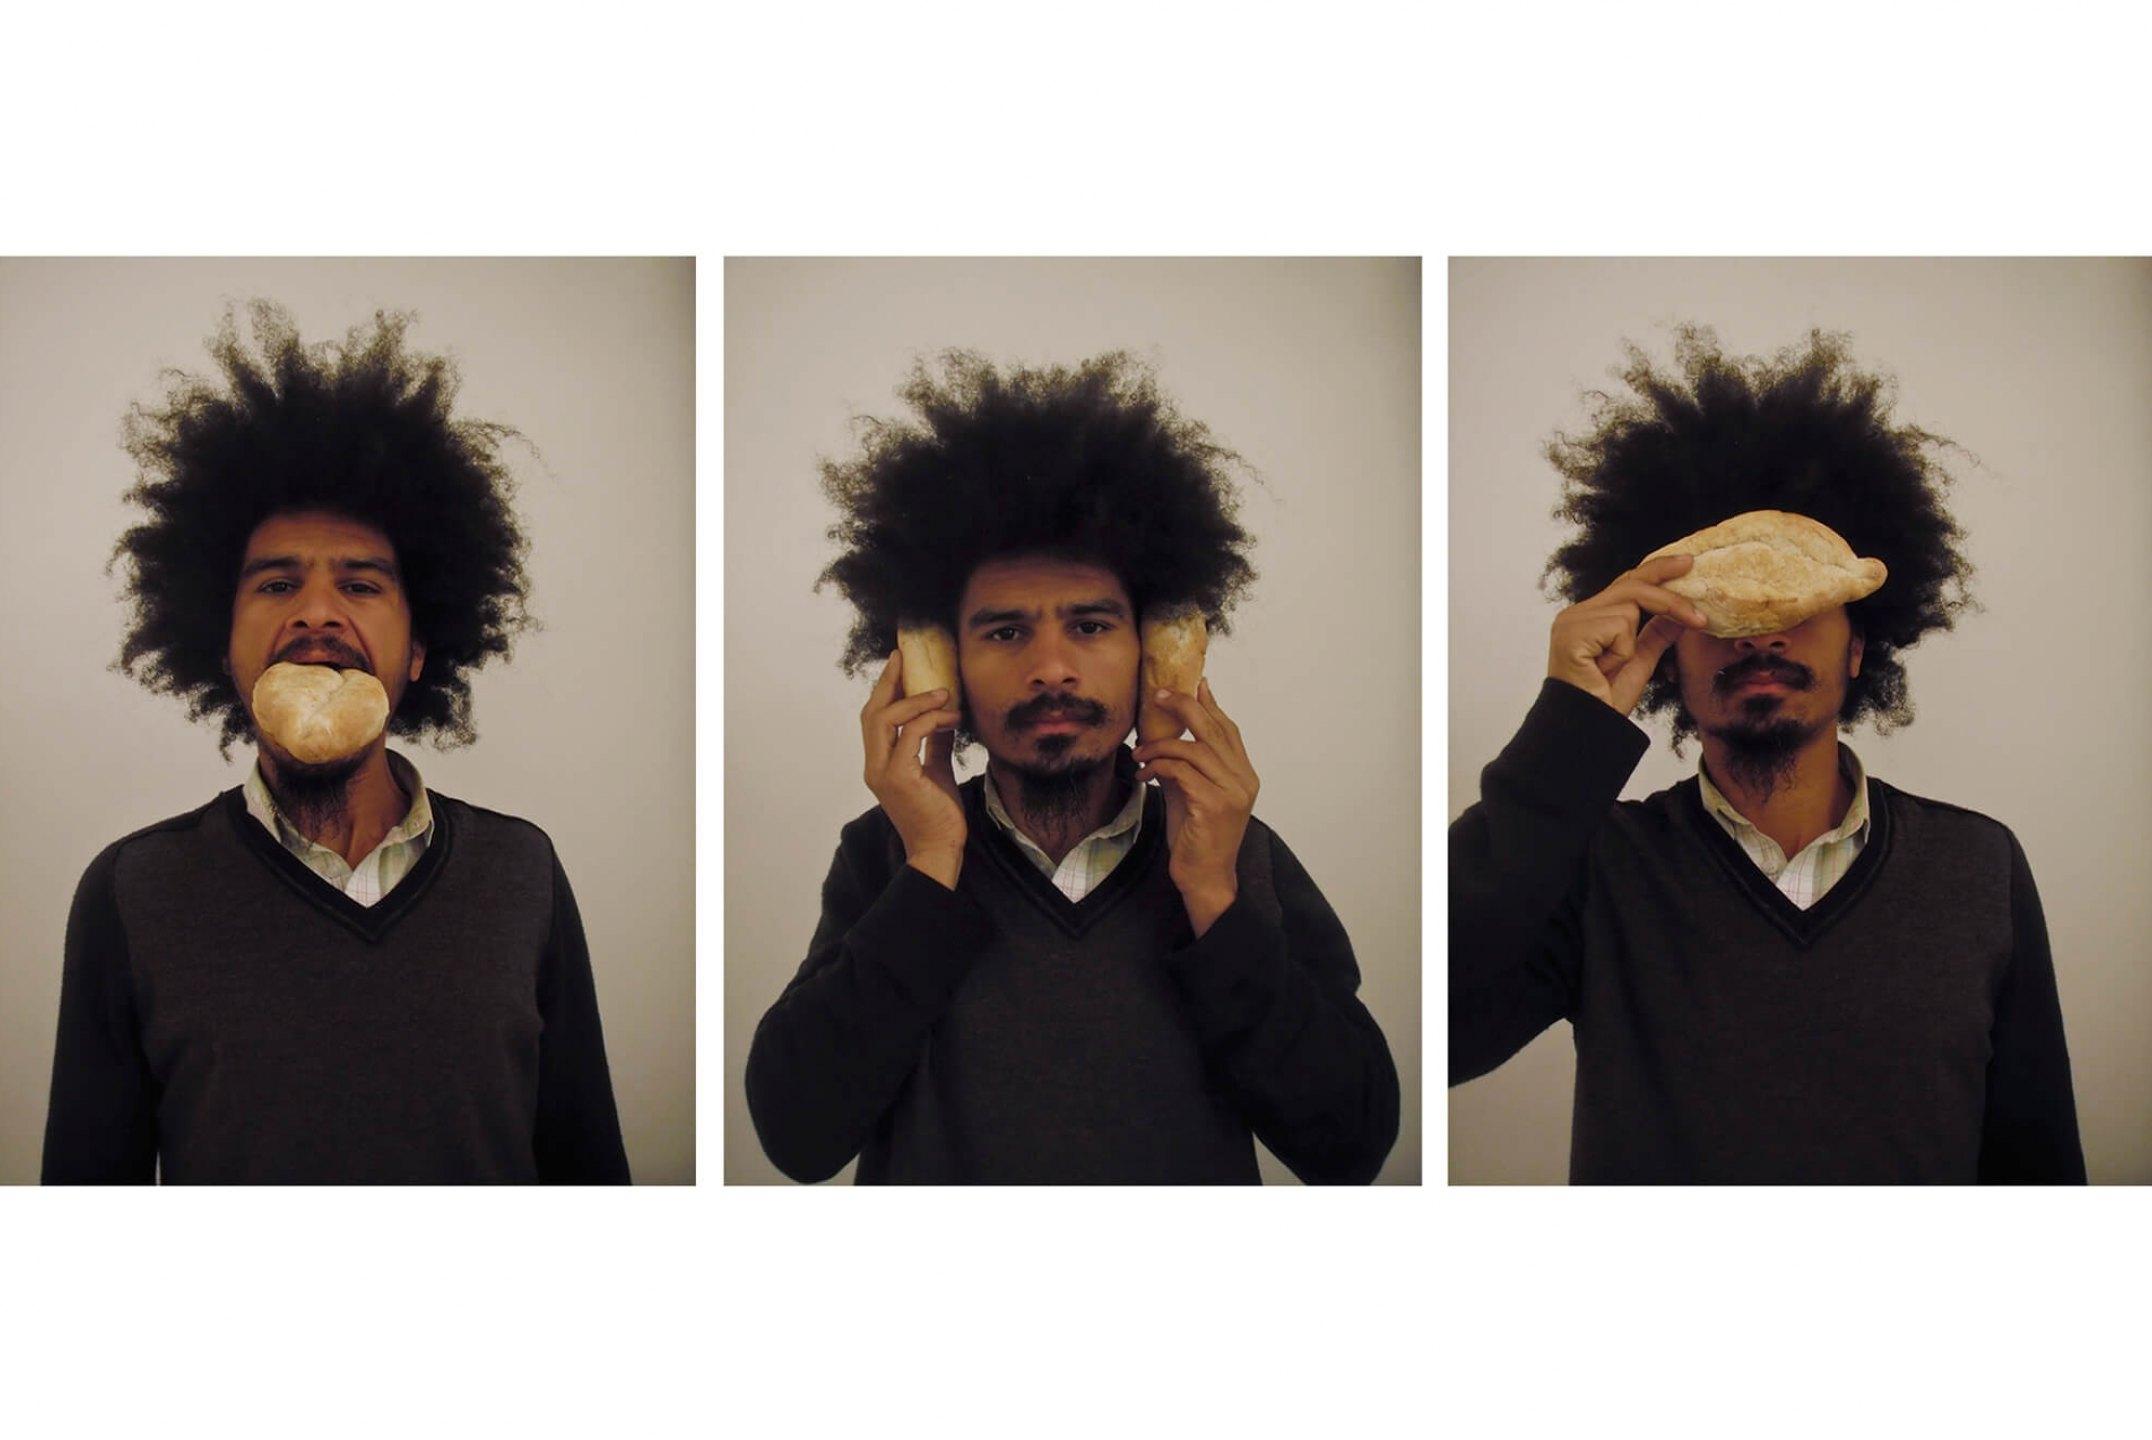 Paulo Nazareth,<em>Pão e Circo,</em> 2012, photo printing on cotton paper, 93 × 70 cm - Mendes Wood DM